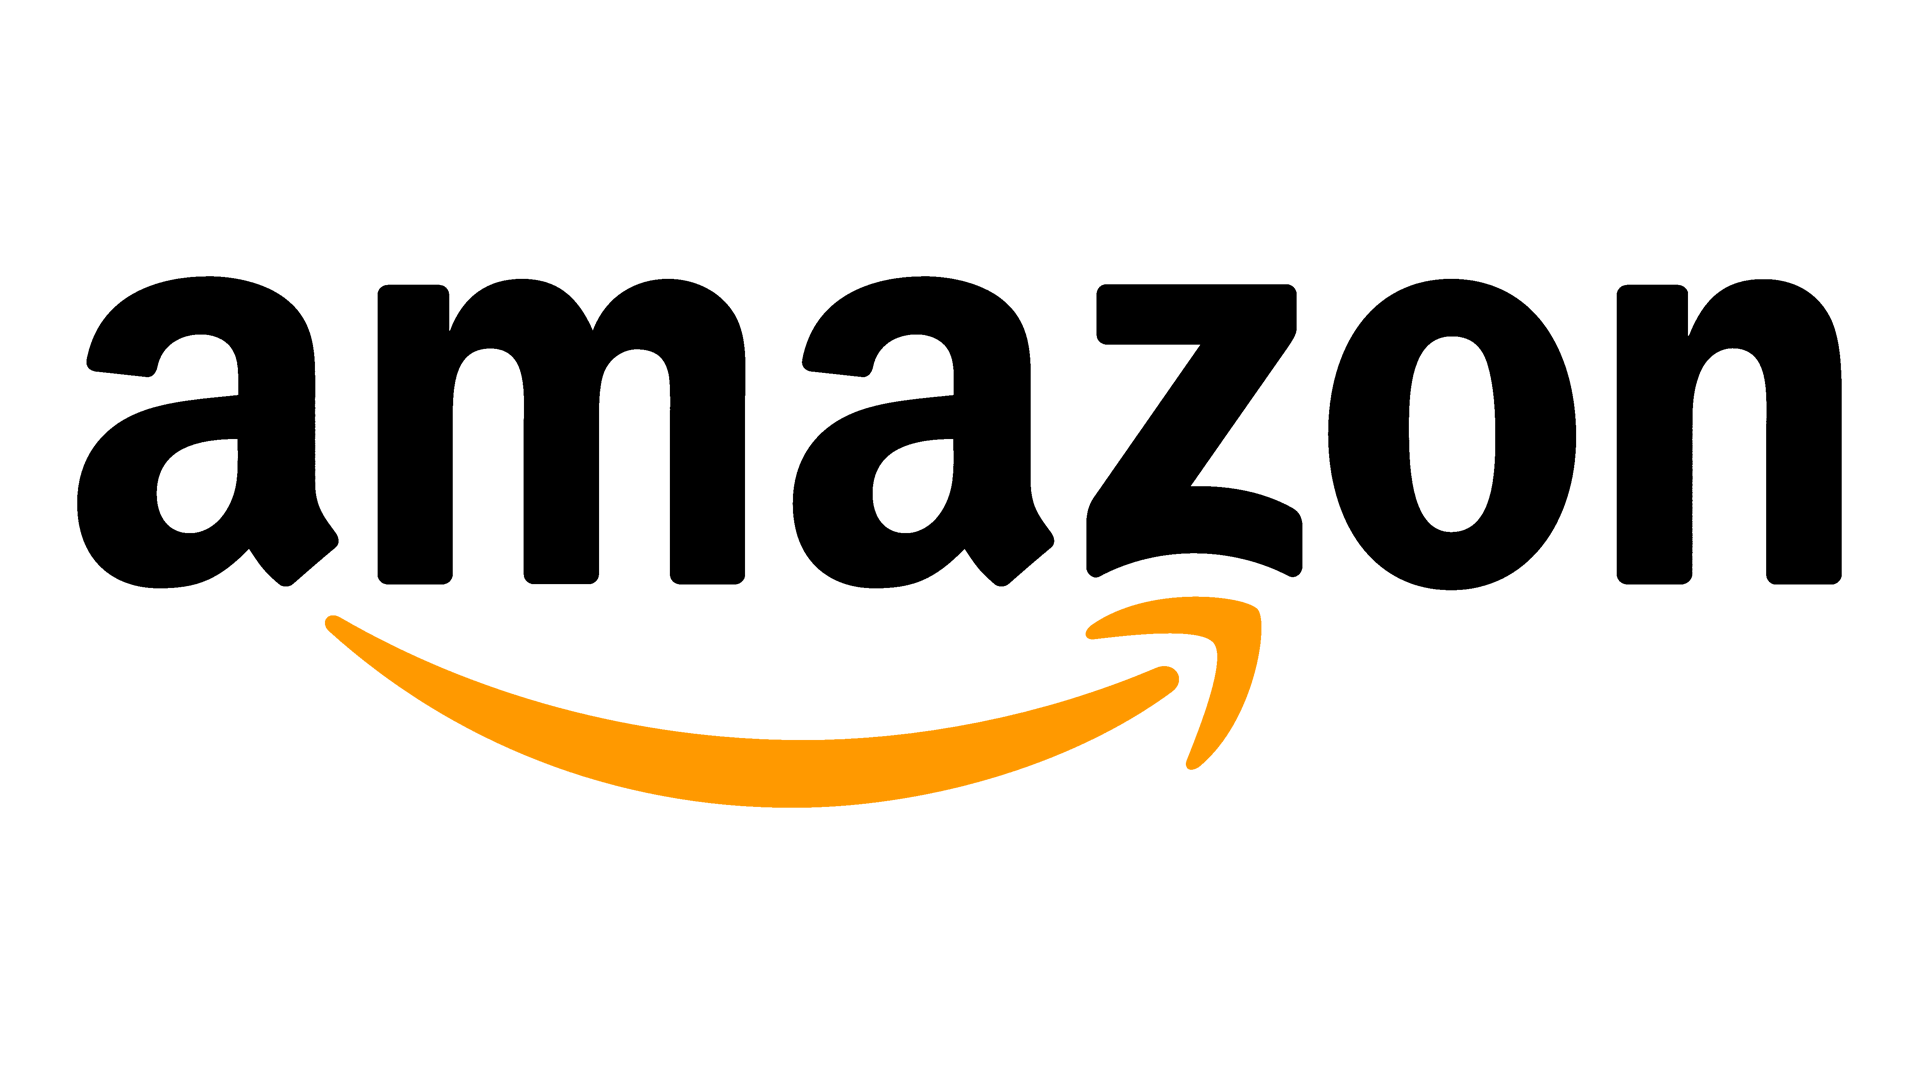 Code promo Amazon : Livraison rapide à 0,01€ sur tous les articles expédiés par Amazon